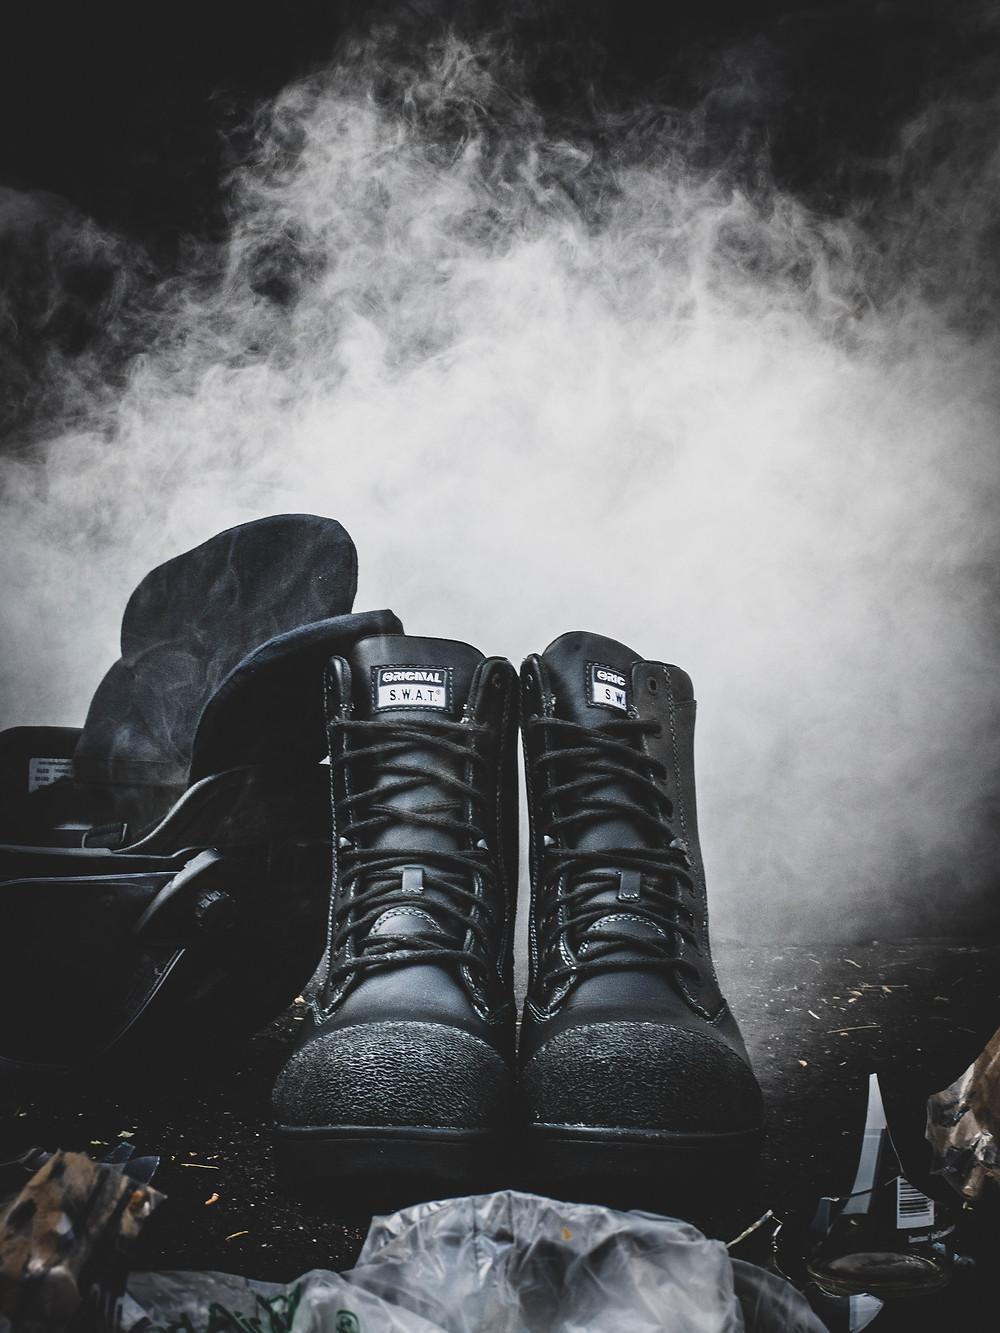 Original SWAT Public Order Boot